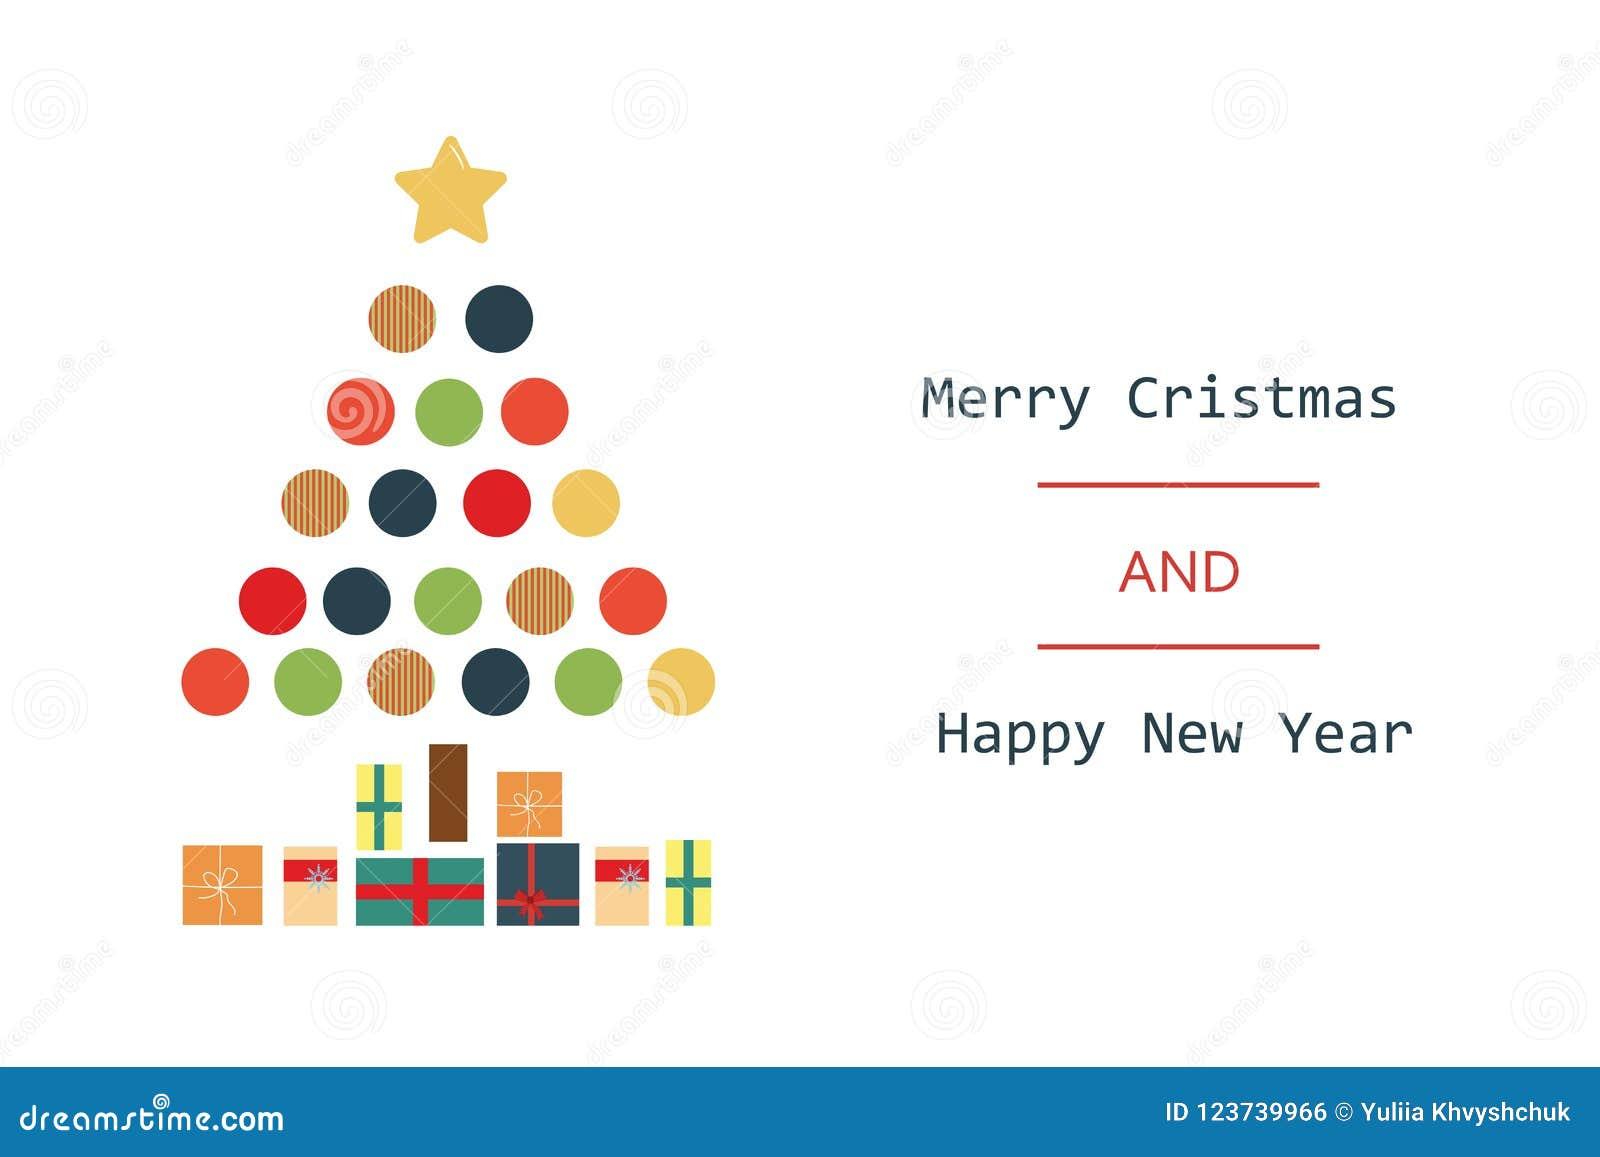 Вручите вычерченное время конспекта вектора с Рождеством Христовым и счастливое Нового Года винтажные иллюстрации шаржа